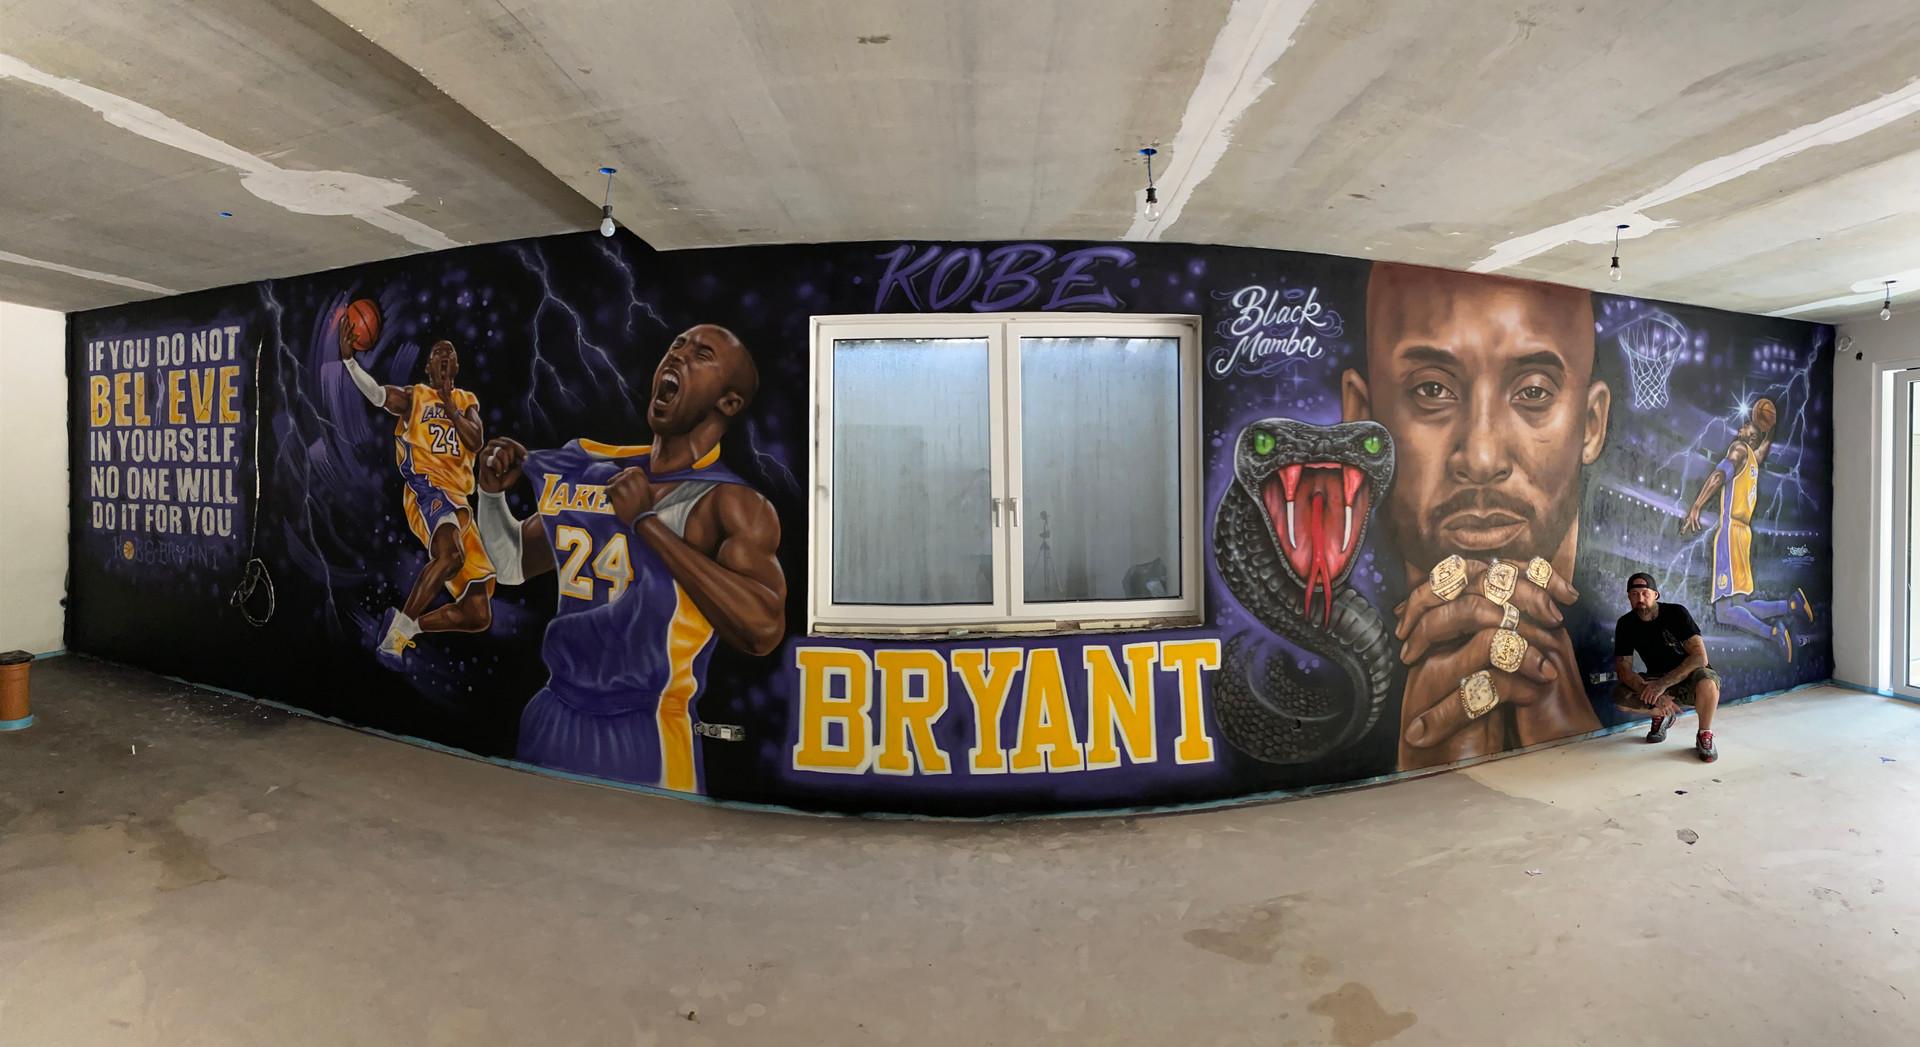 Kobe Bryant Mural in Graffiti und Airbrush Style